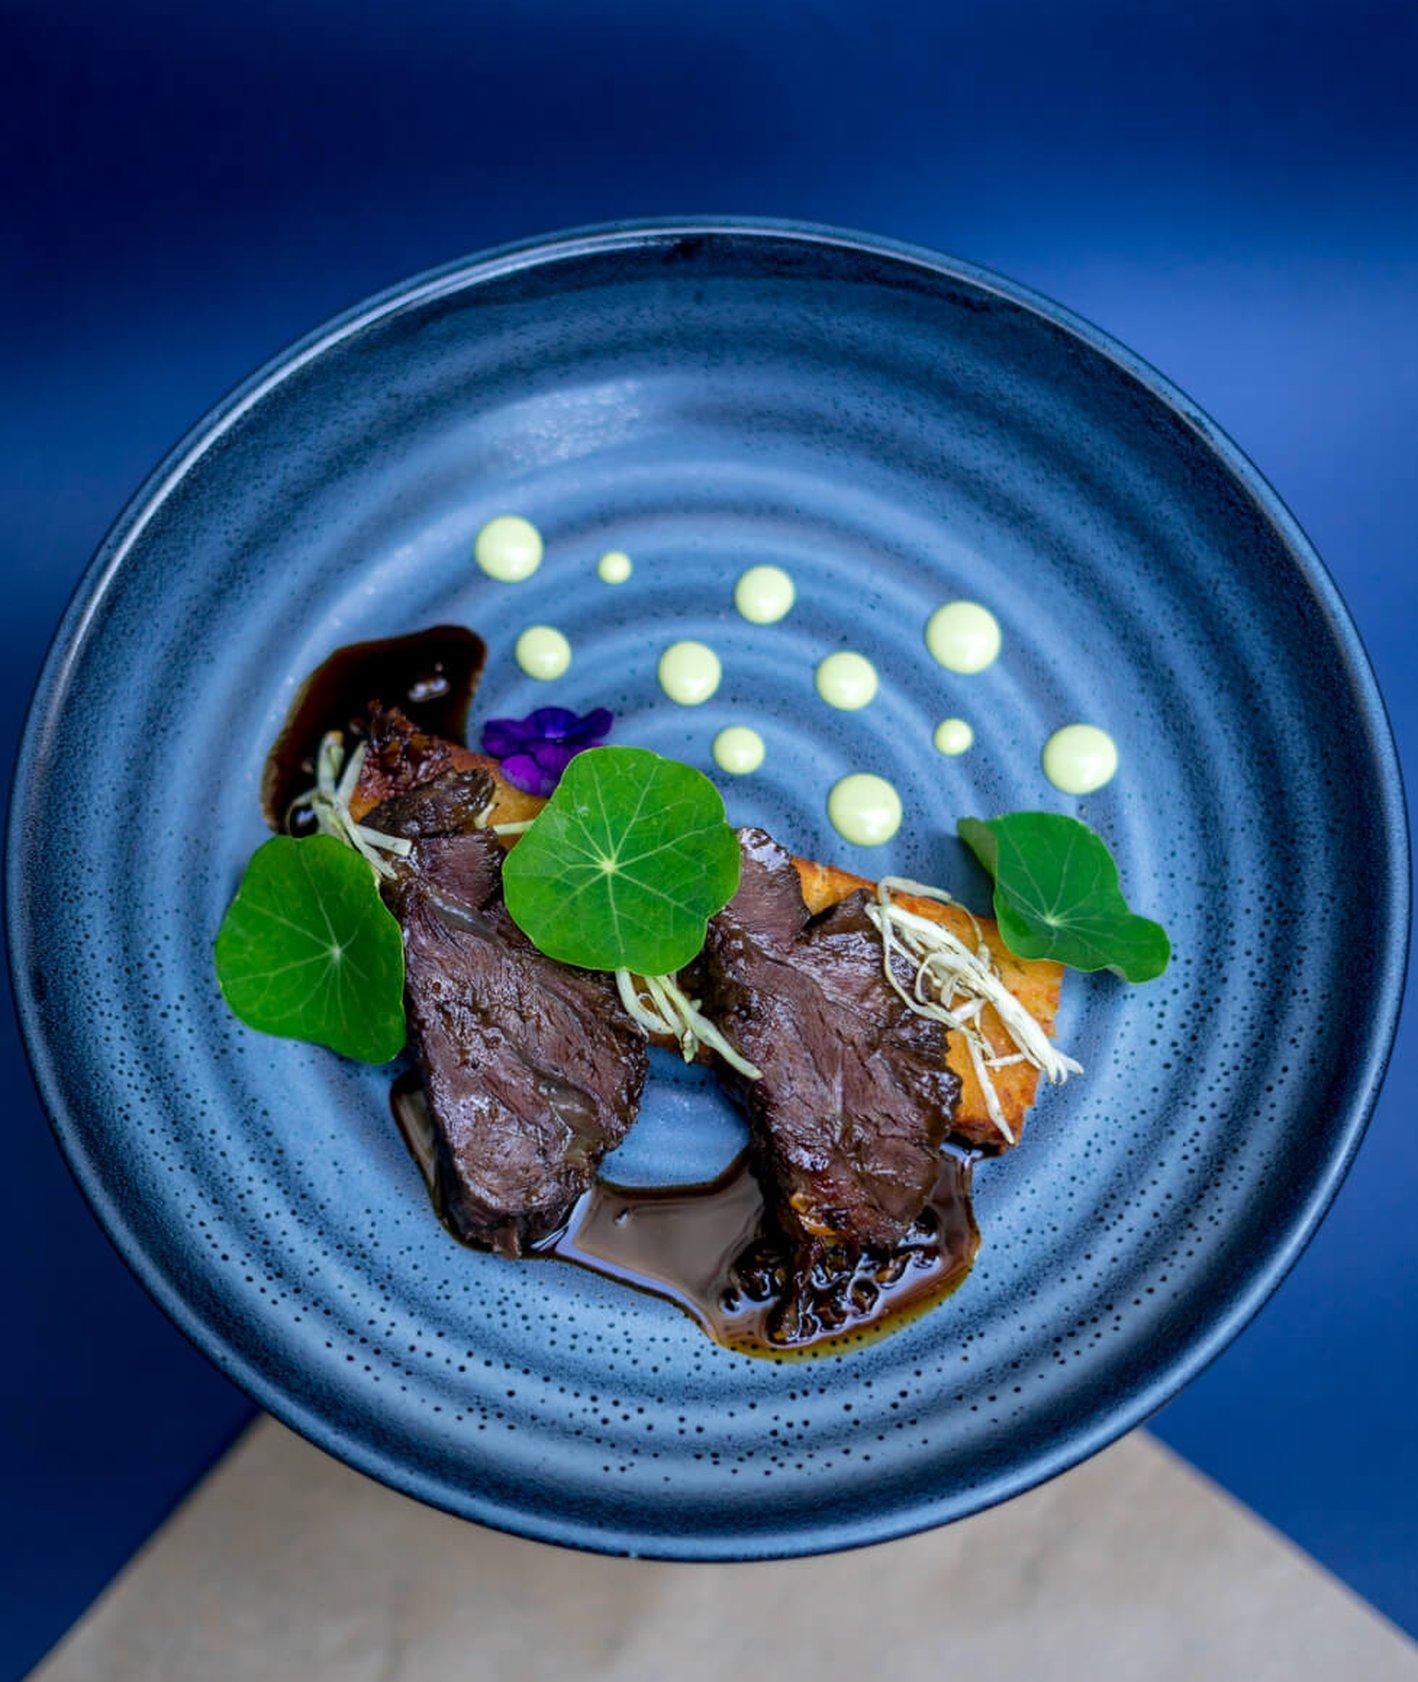 Zdjęcie z Restaurant week, Art sushi w Warszawie - polędwica na niebieskim talerzu (fot. materiały prasowe)